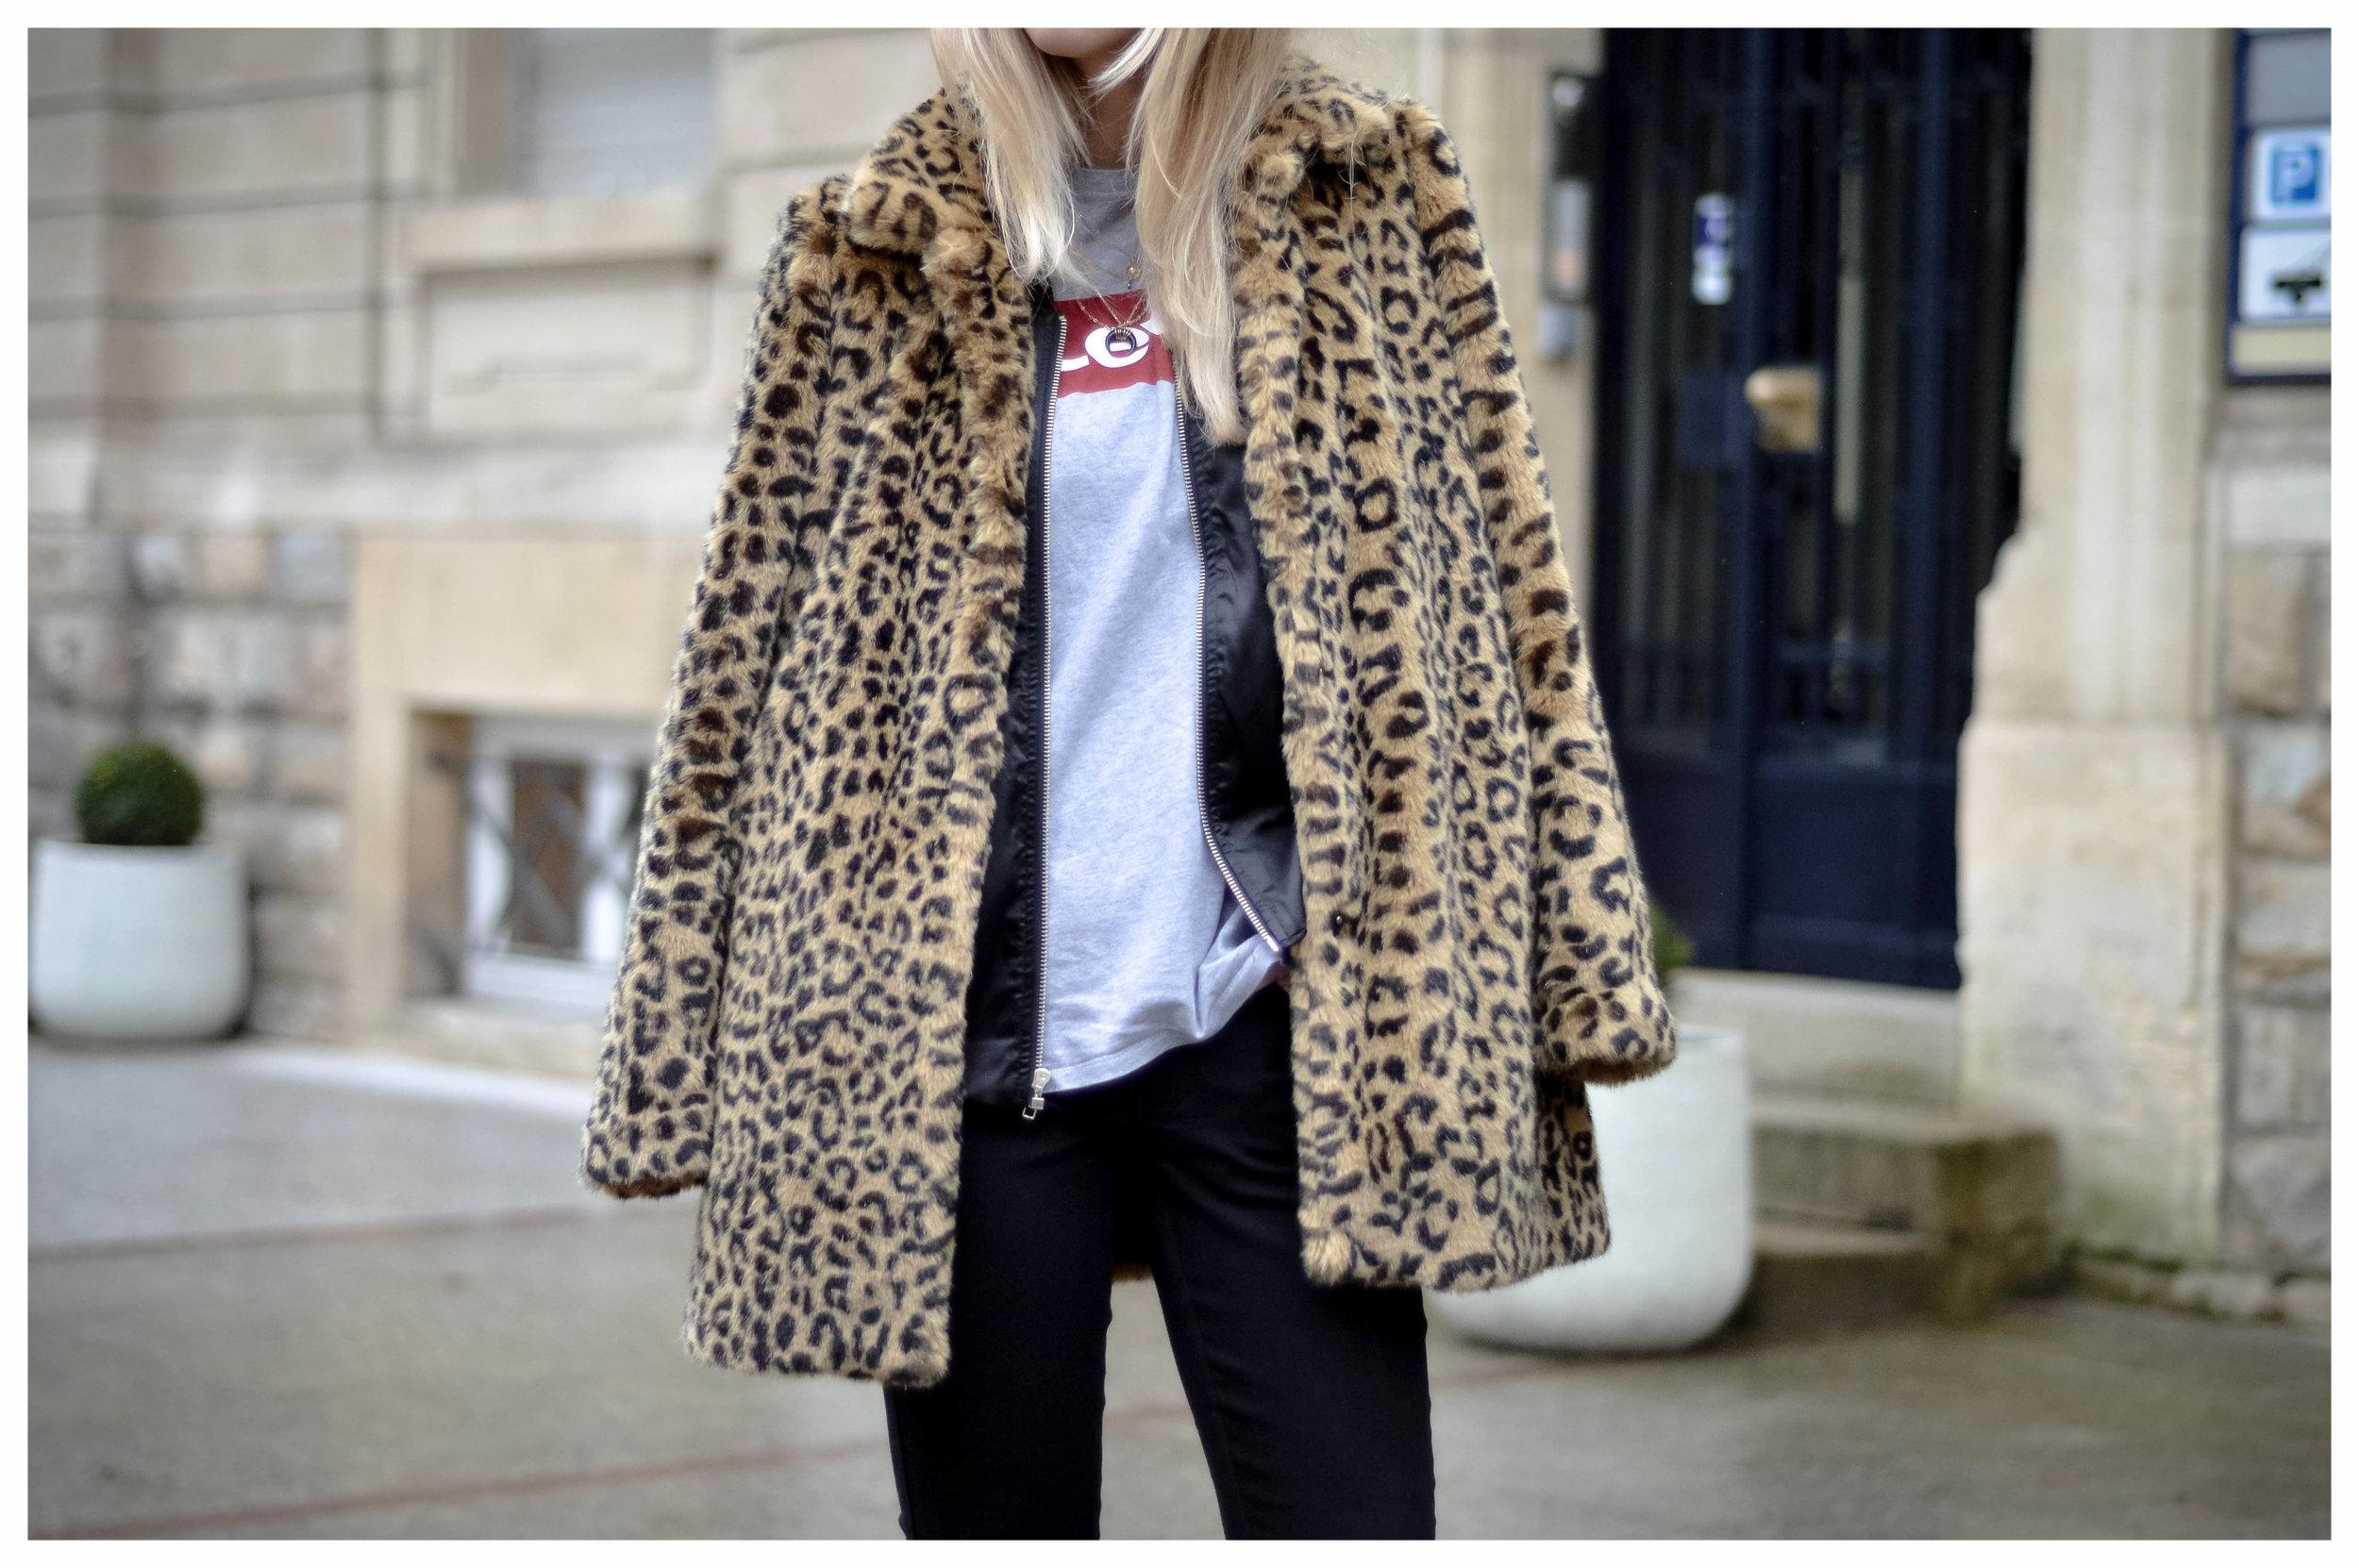 Leopard Jacket Lux - OSIARAH.COM (34 sur 38).jpg